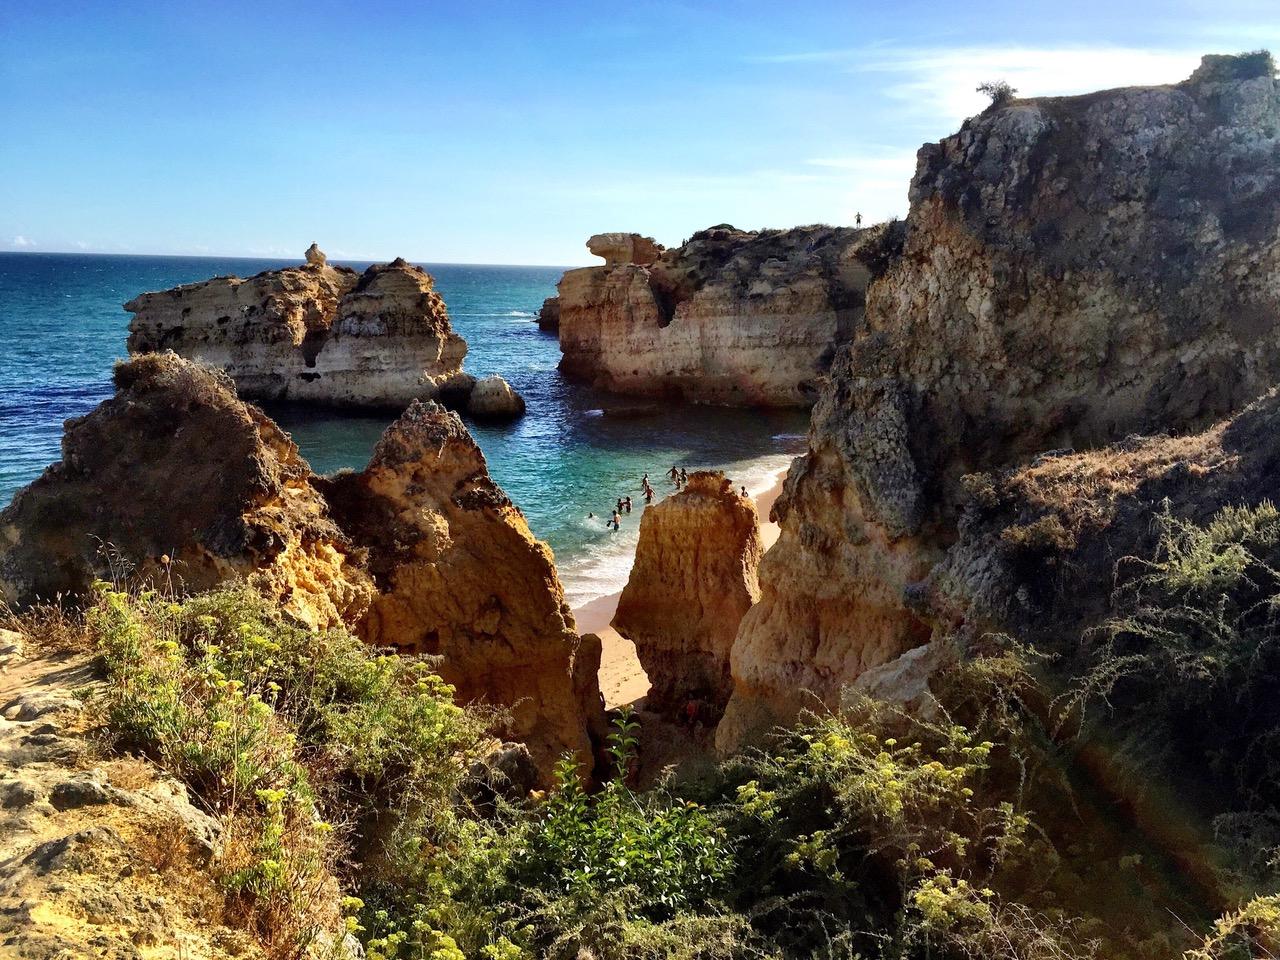 Praia De Sao Rafael, Algarve, Portugal